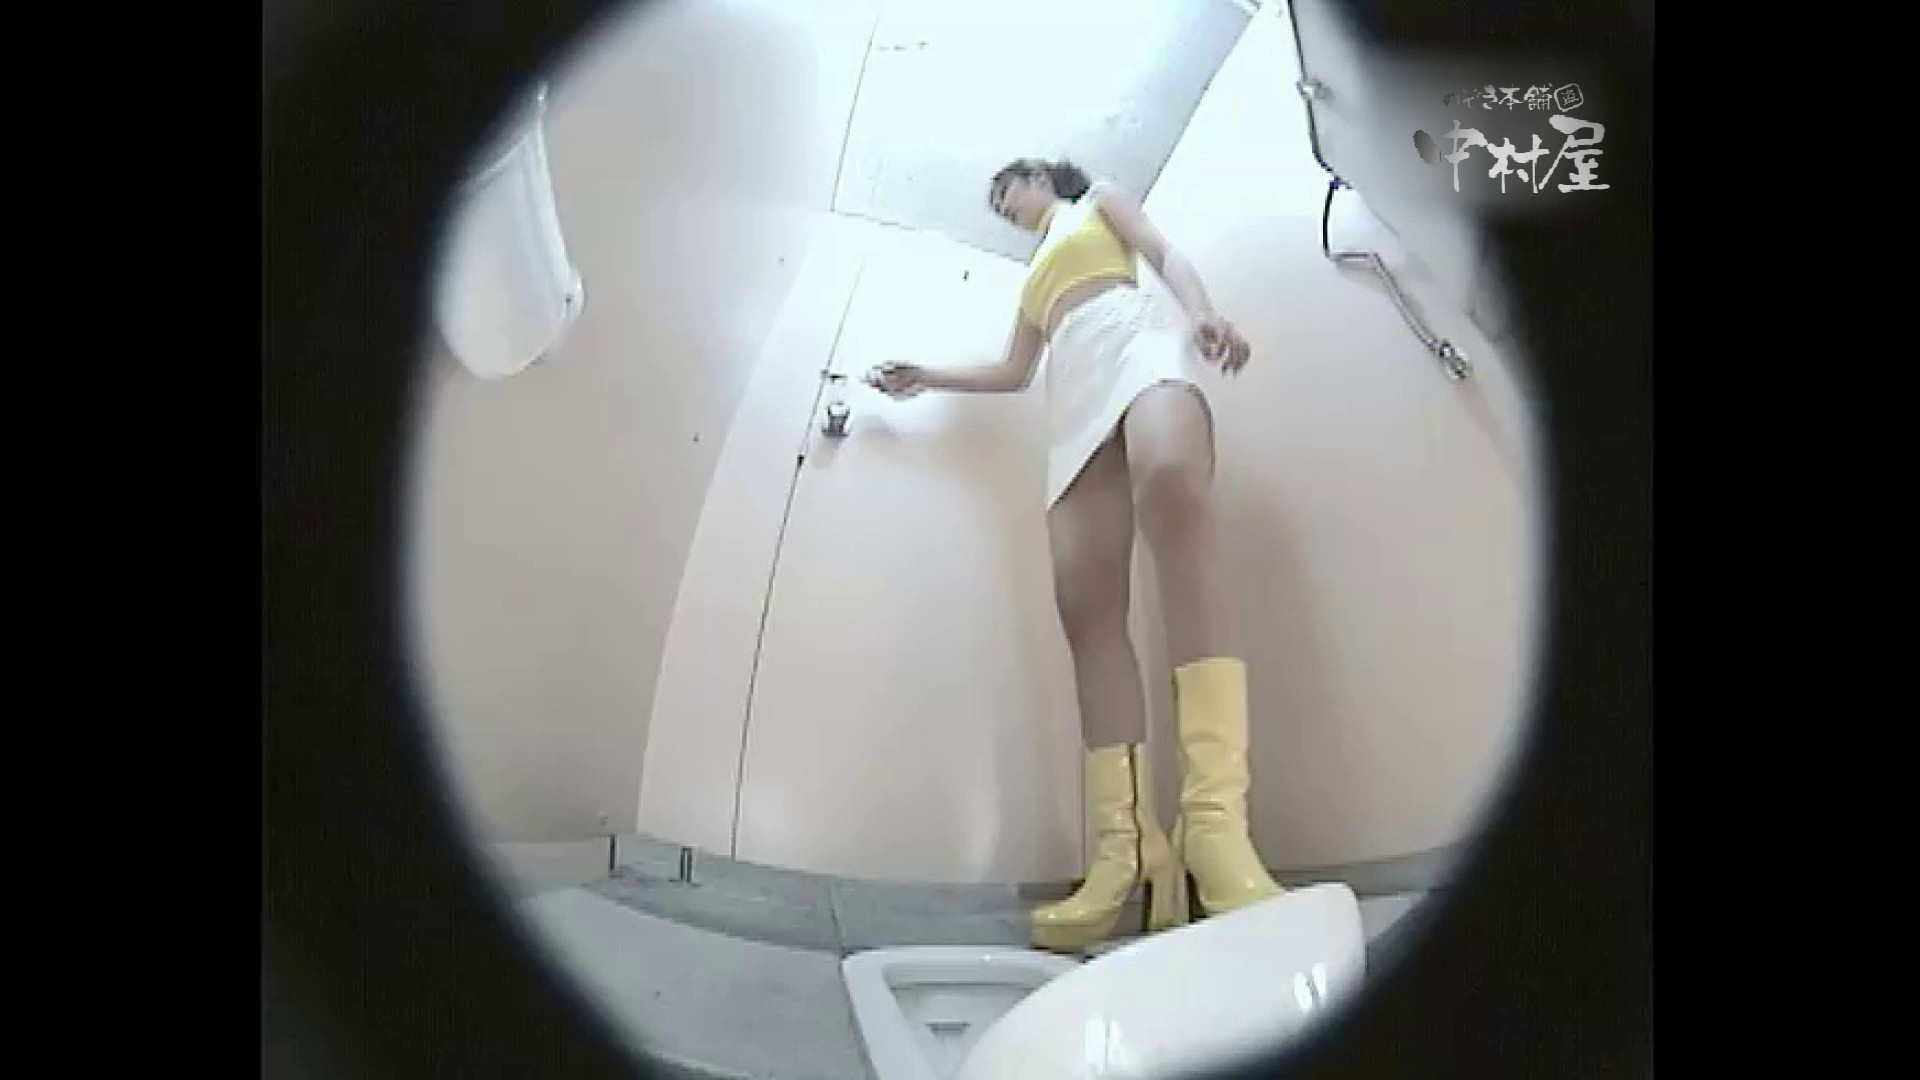 レースクィーントイレ盗撮!Vol.10 美しいOLの裸体 AV無料動画キャプチャ 80pic 57